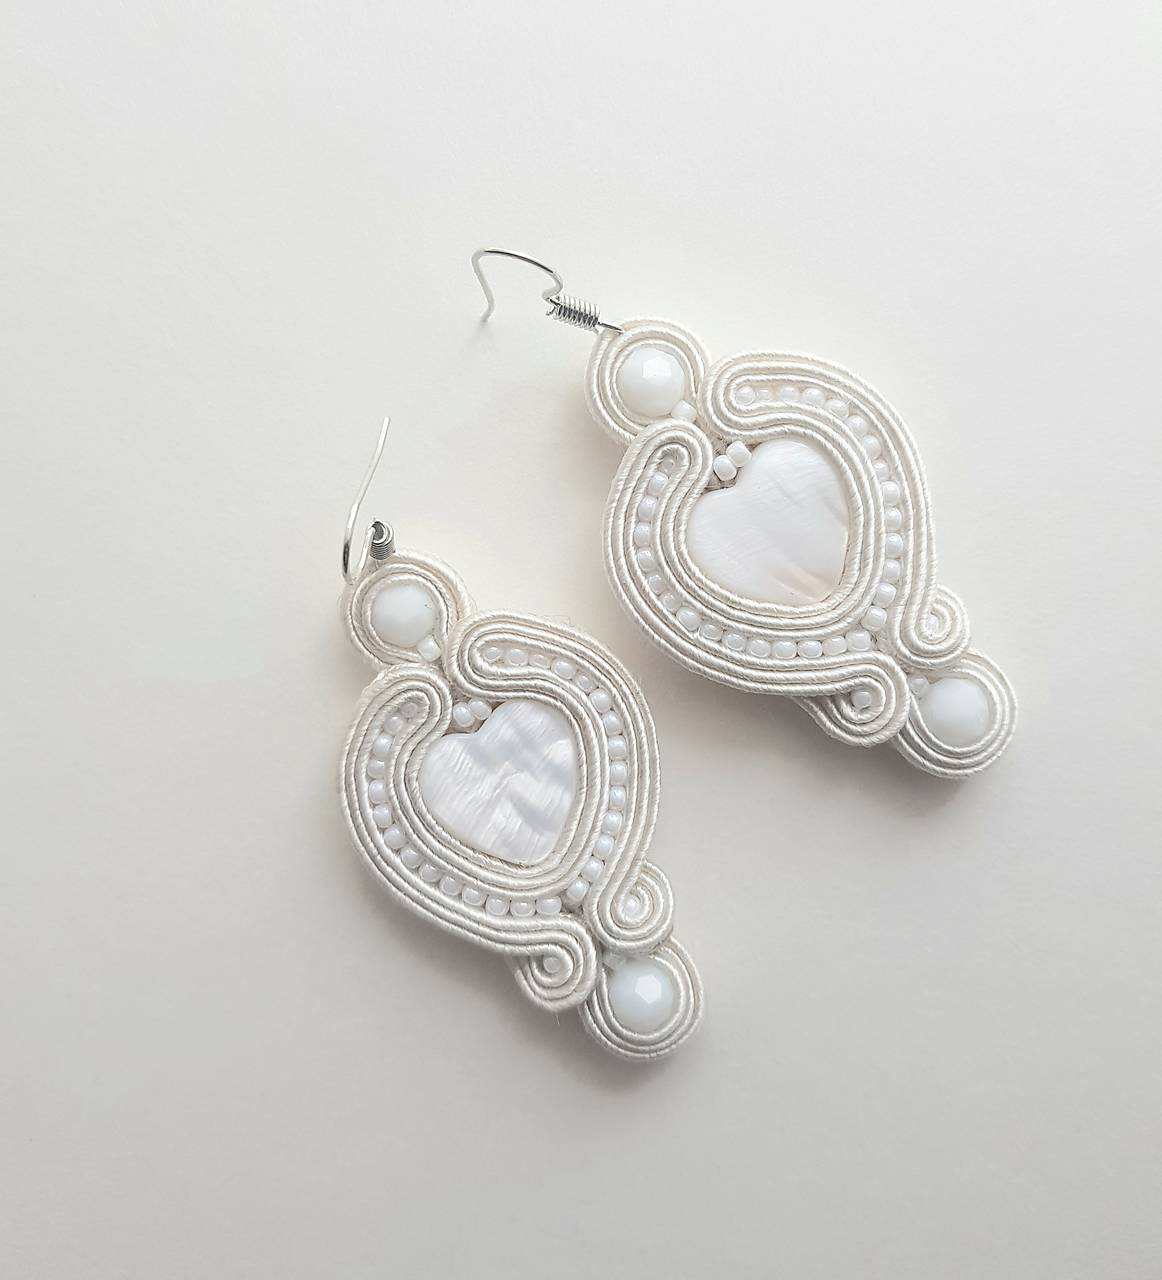 Šujtaška pre nevestu z paua mušlí - soutache earring